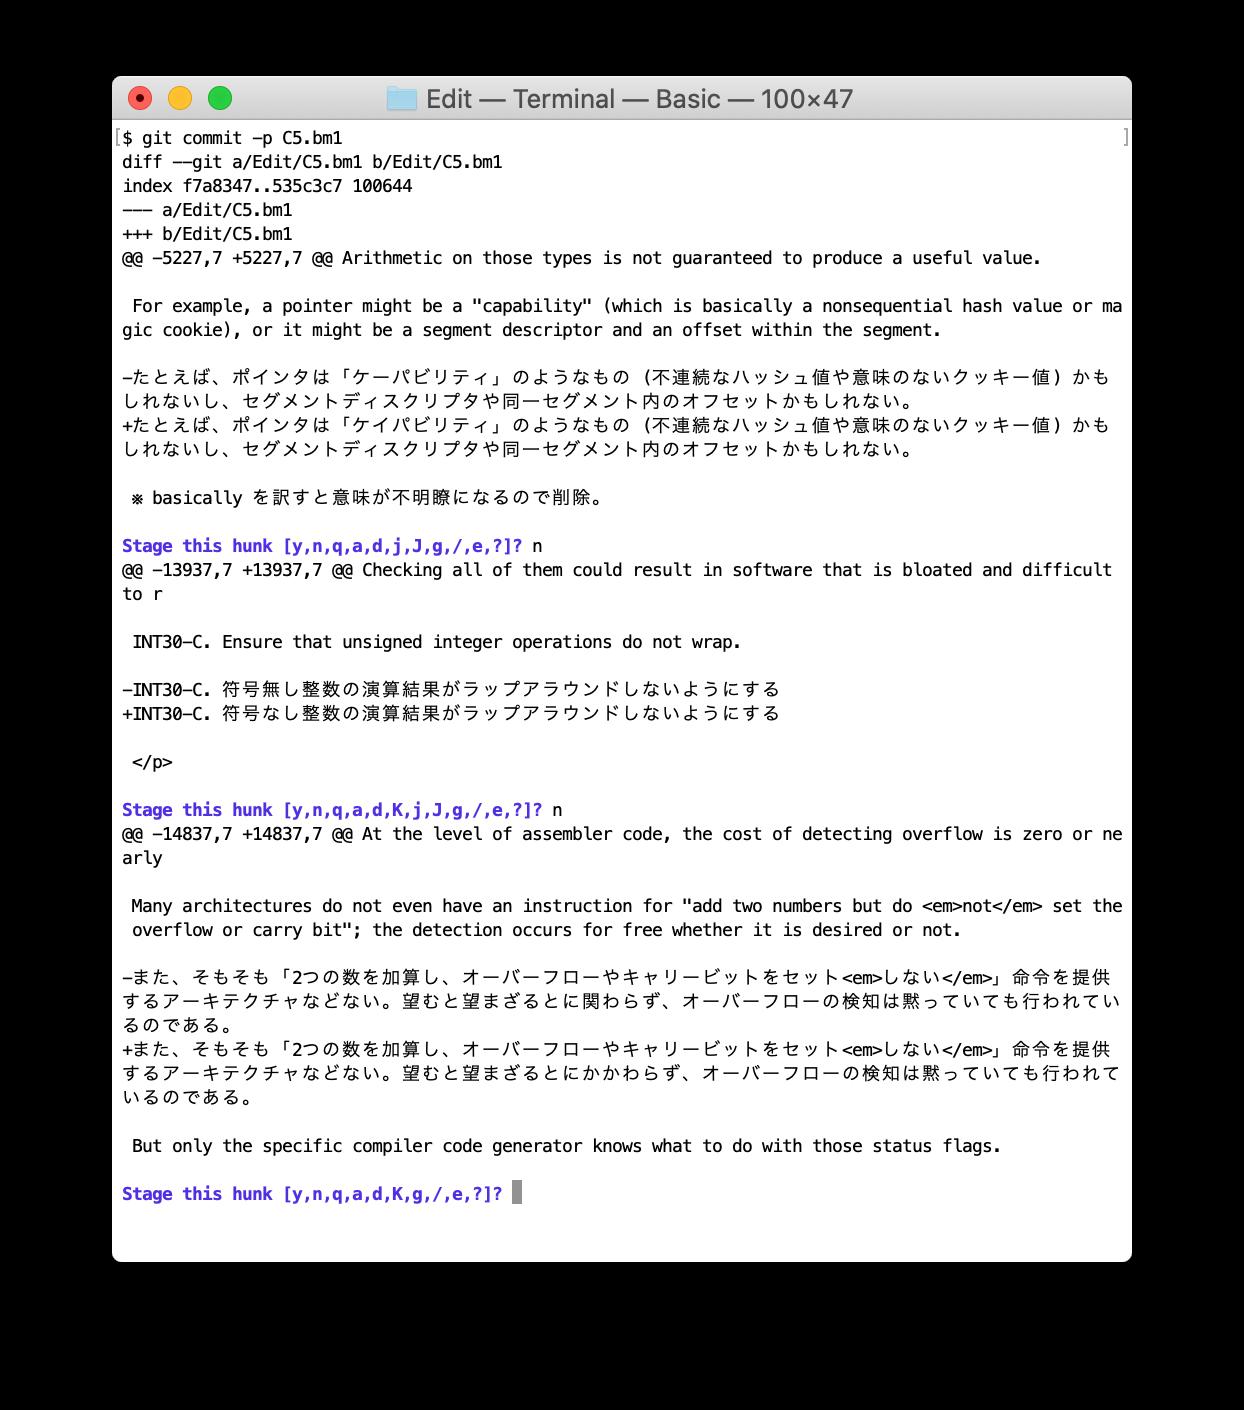 スクリーンショット 2020-03-03 09.34.04.png